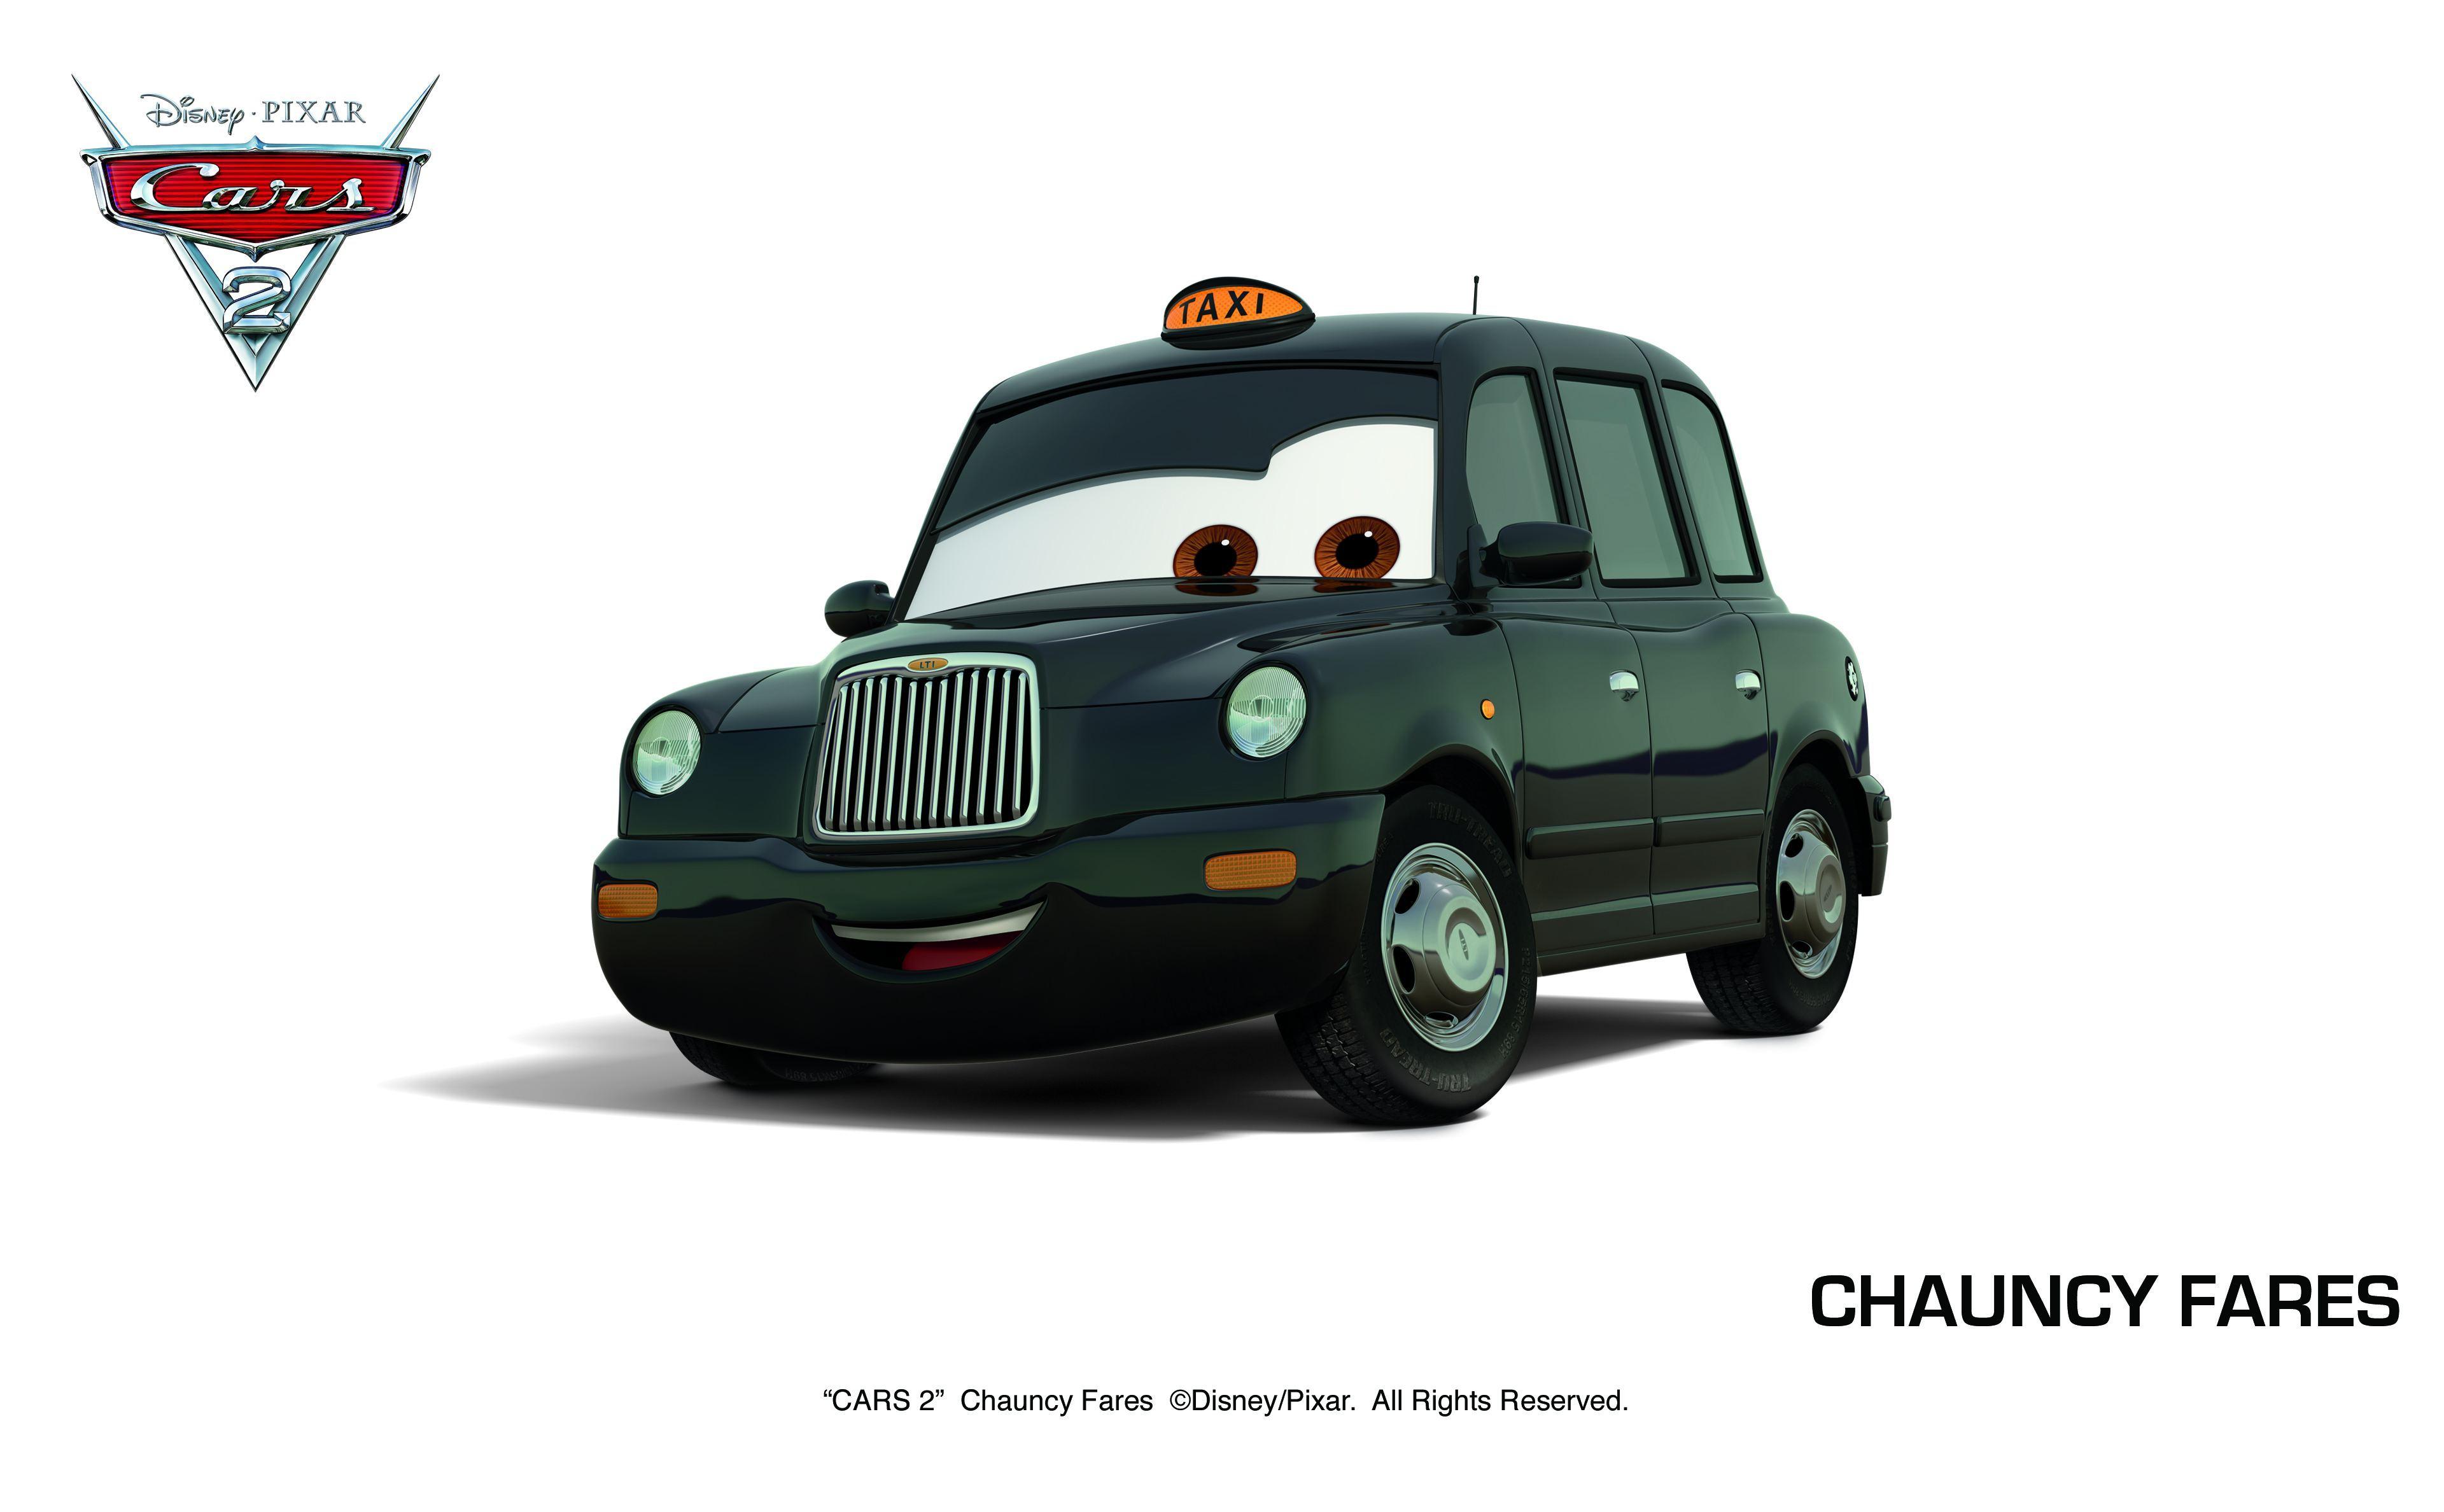 汽车总动员2(cars 2) - 电影图片 - 电影剧照 - 高清